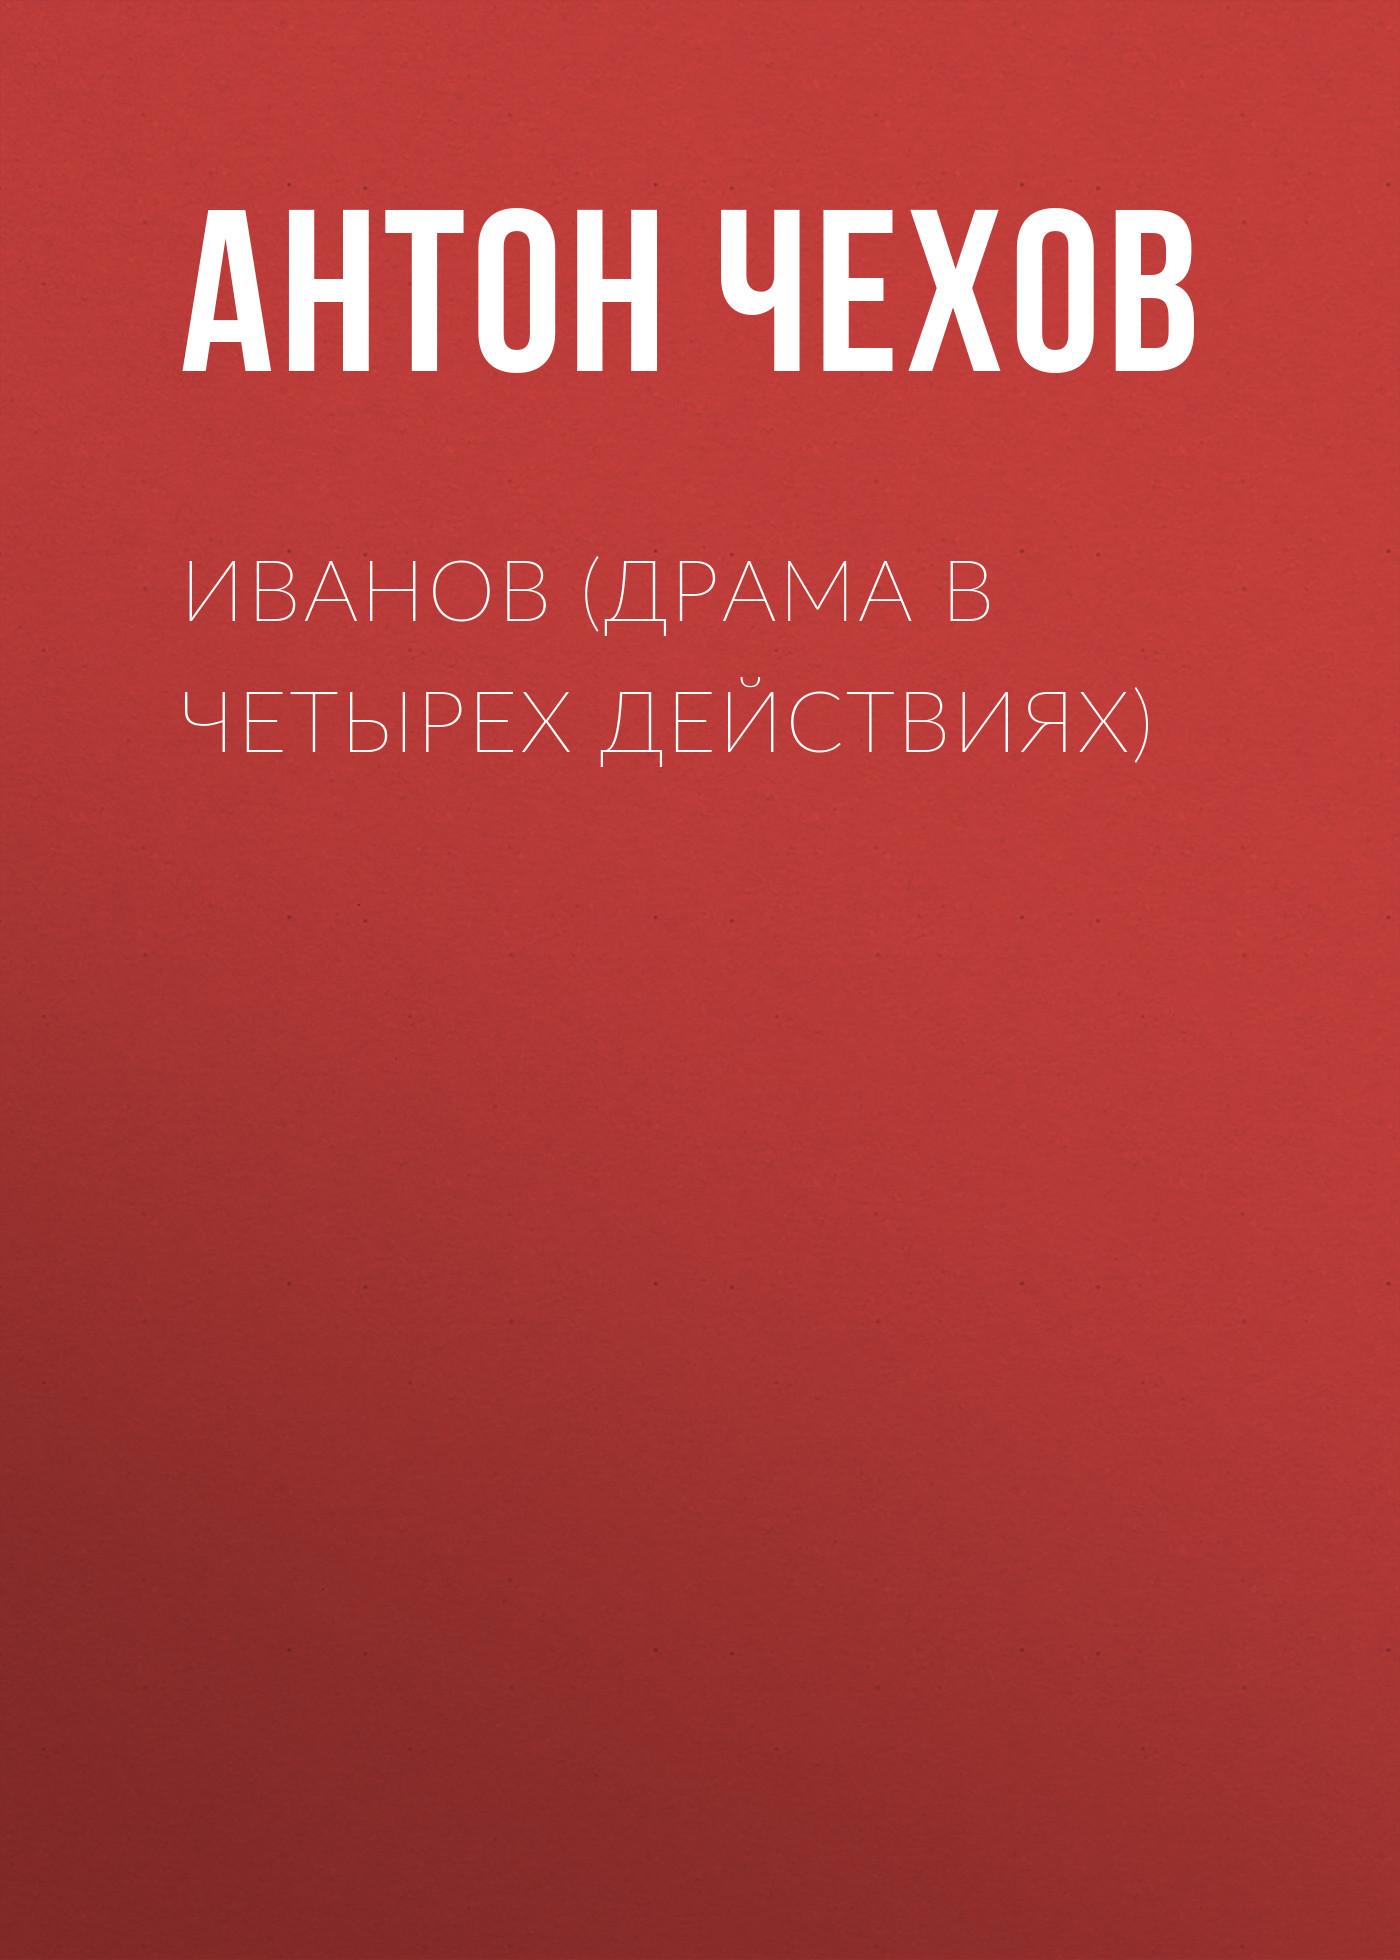 Иванов (драма в четырех действиях)